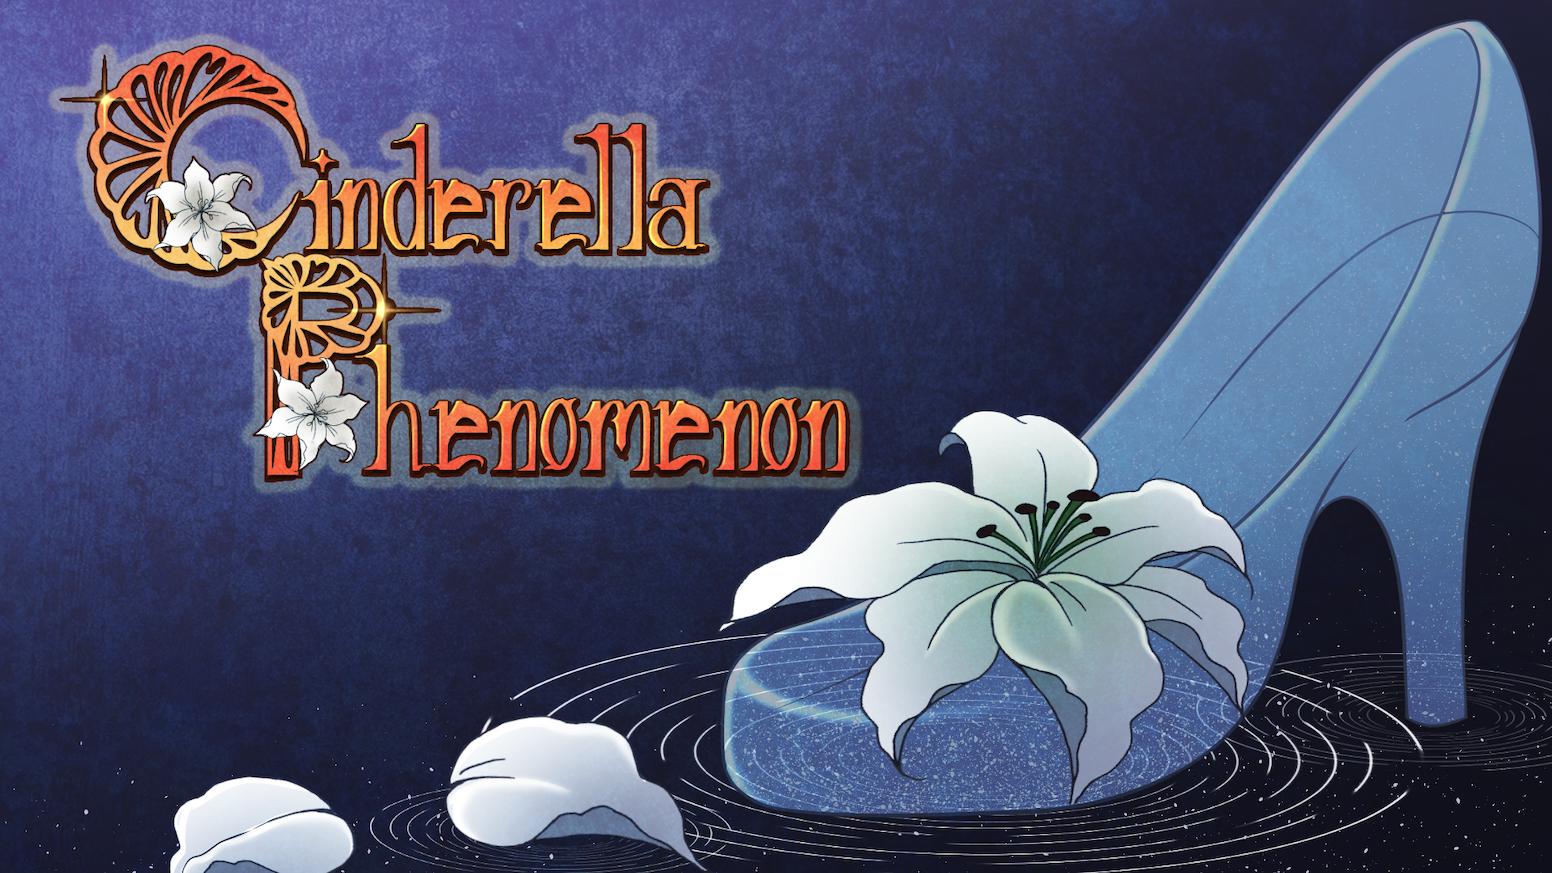 Cinderella dating app